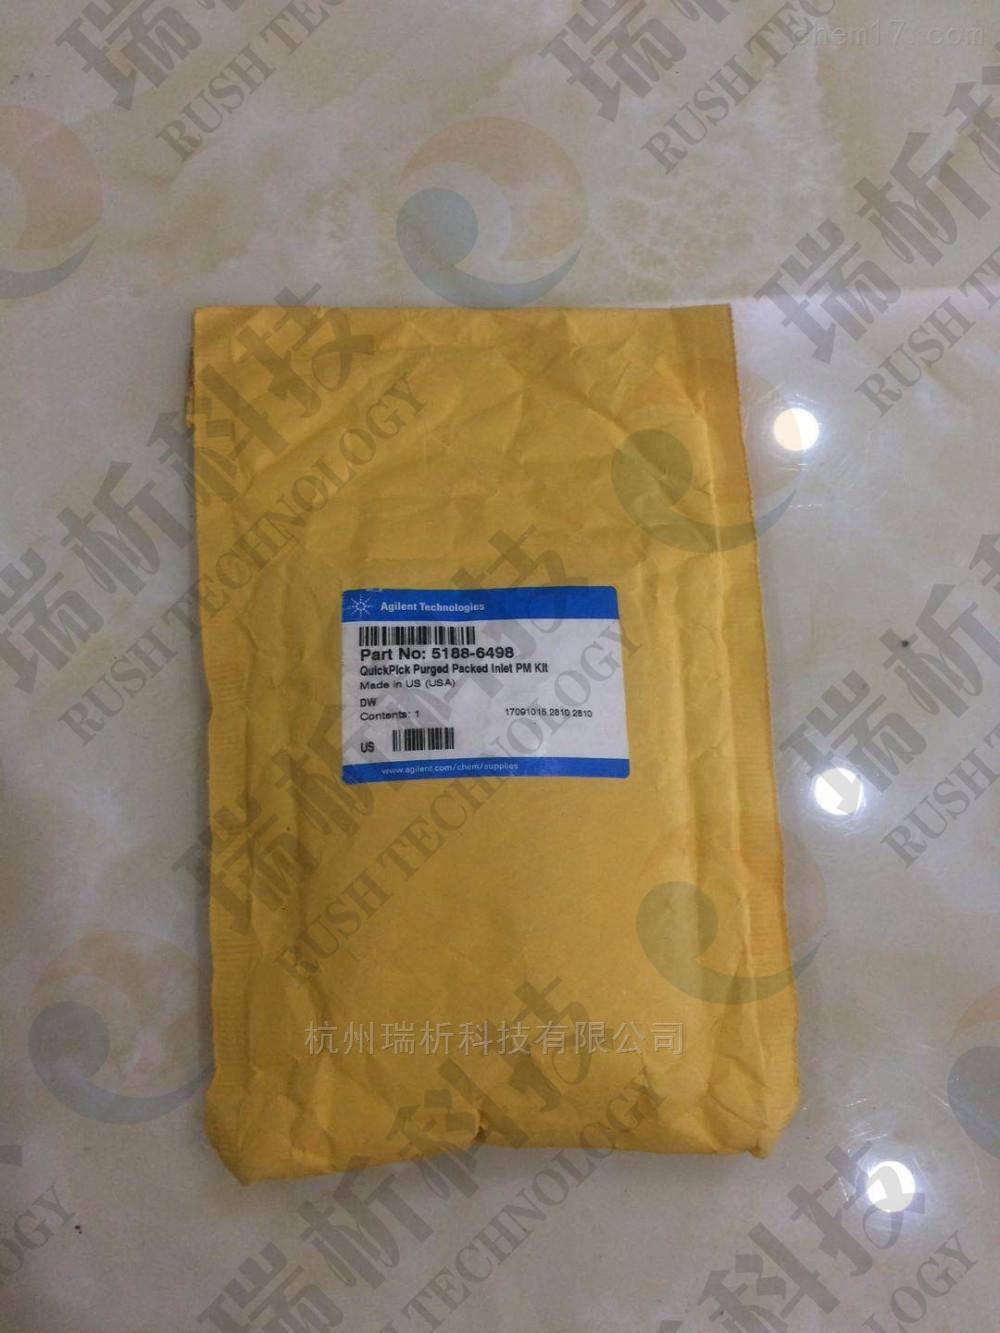 5188-6498QuickPick 预防性维护工具包